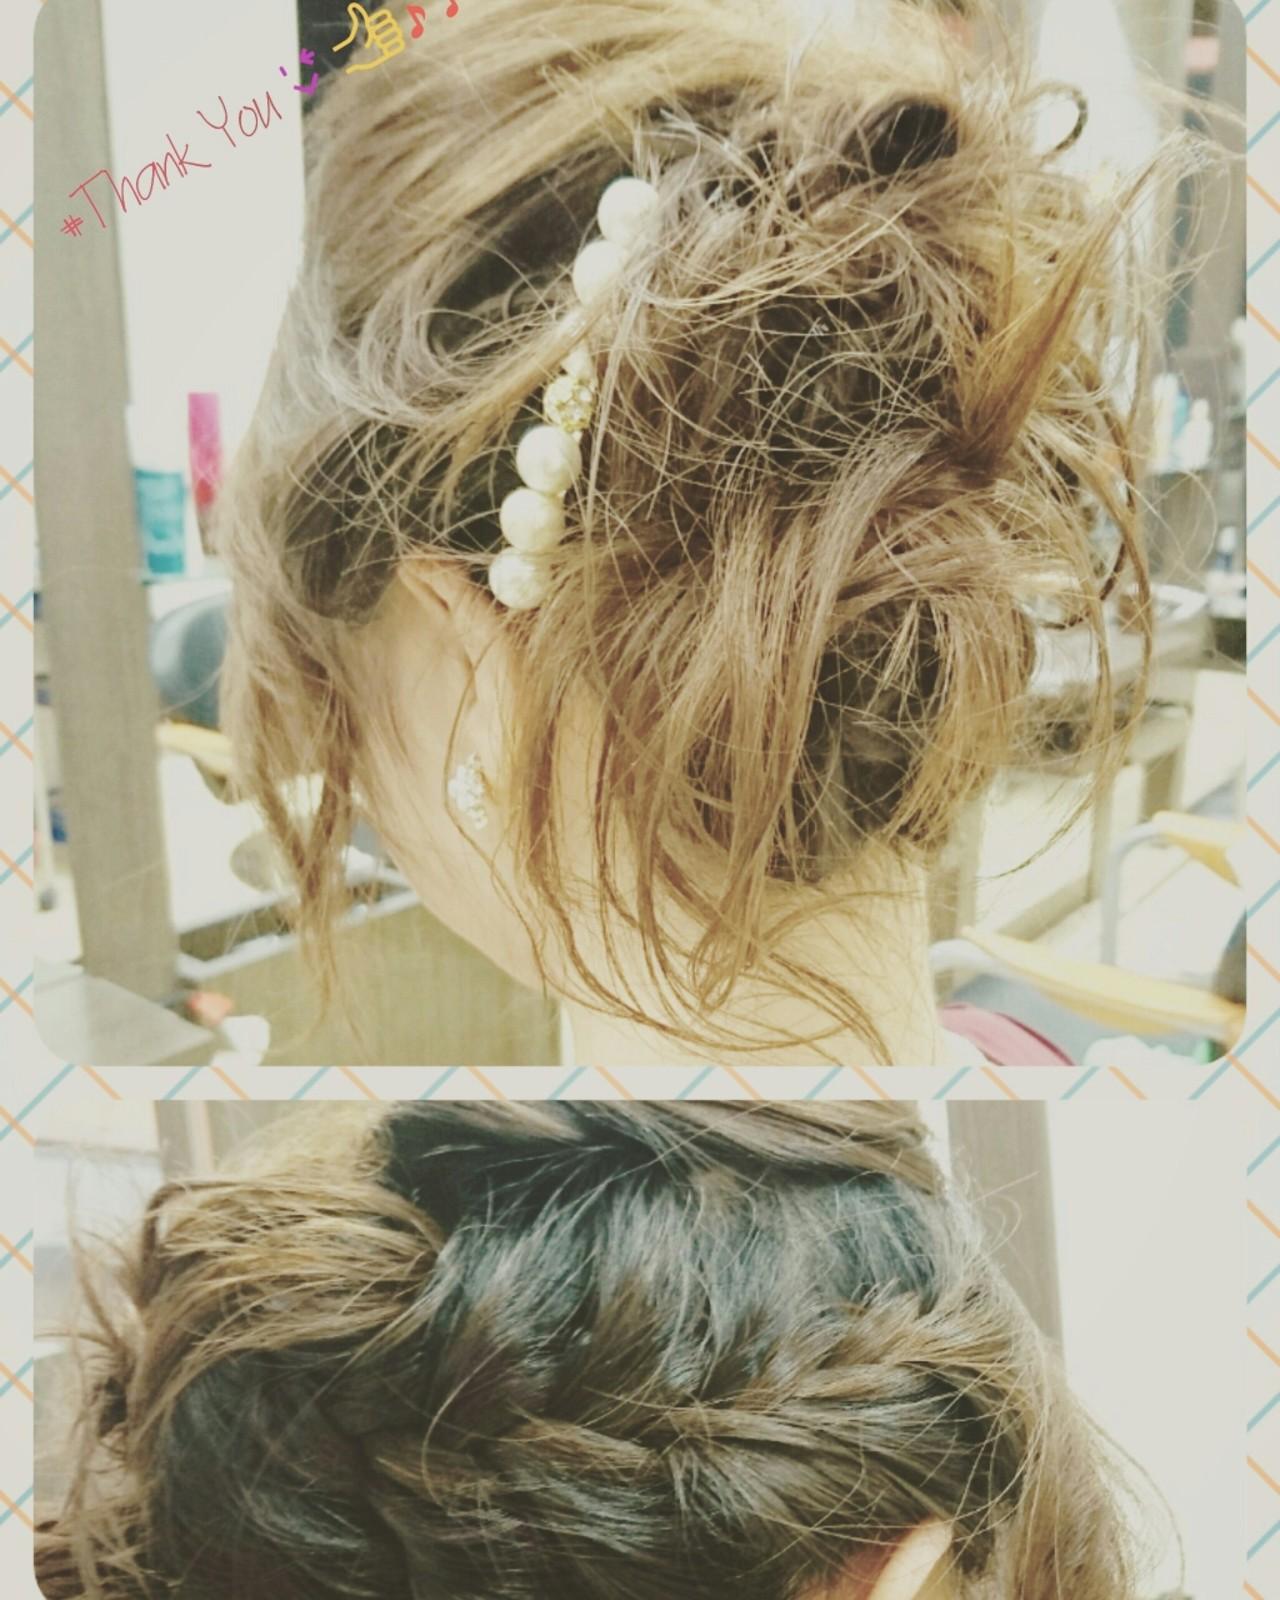 ヘアアレンジ 編み込み バレッタ ミディアム ヘアスタイルや髪型の写真・画像 | 石沢知康 / feel.aレキシントンプラザ店